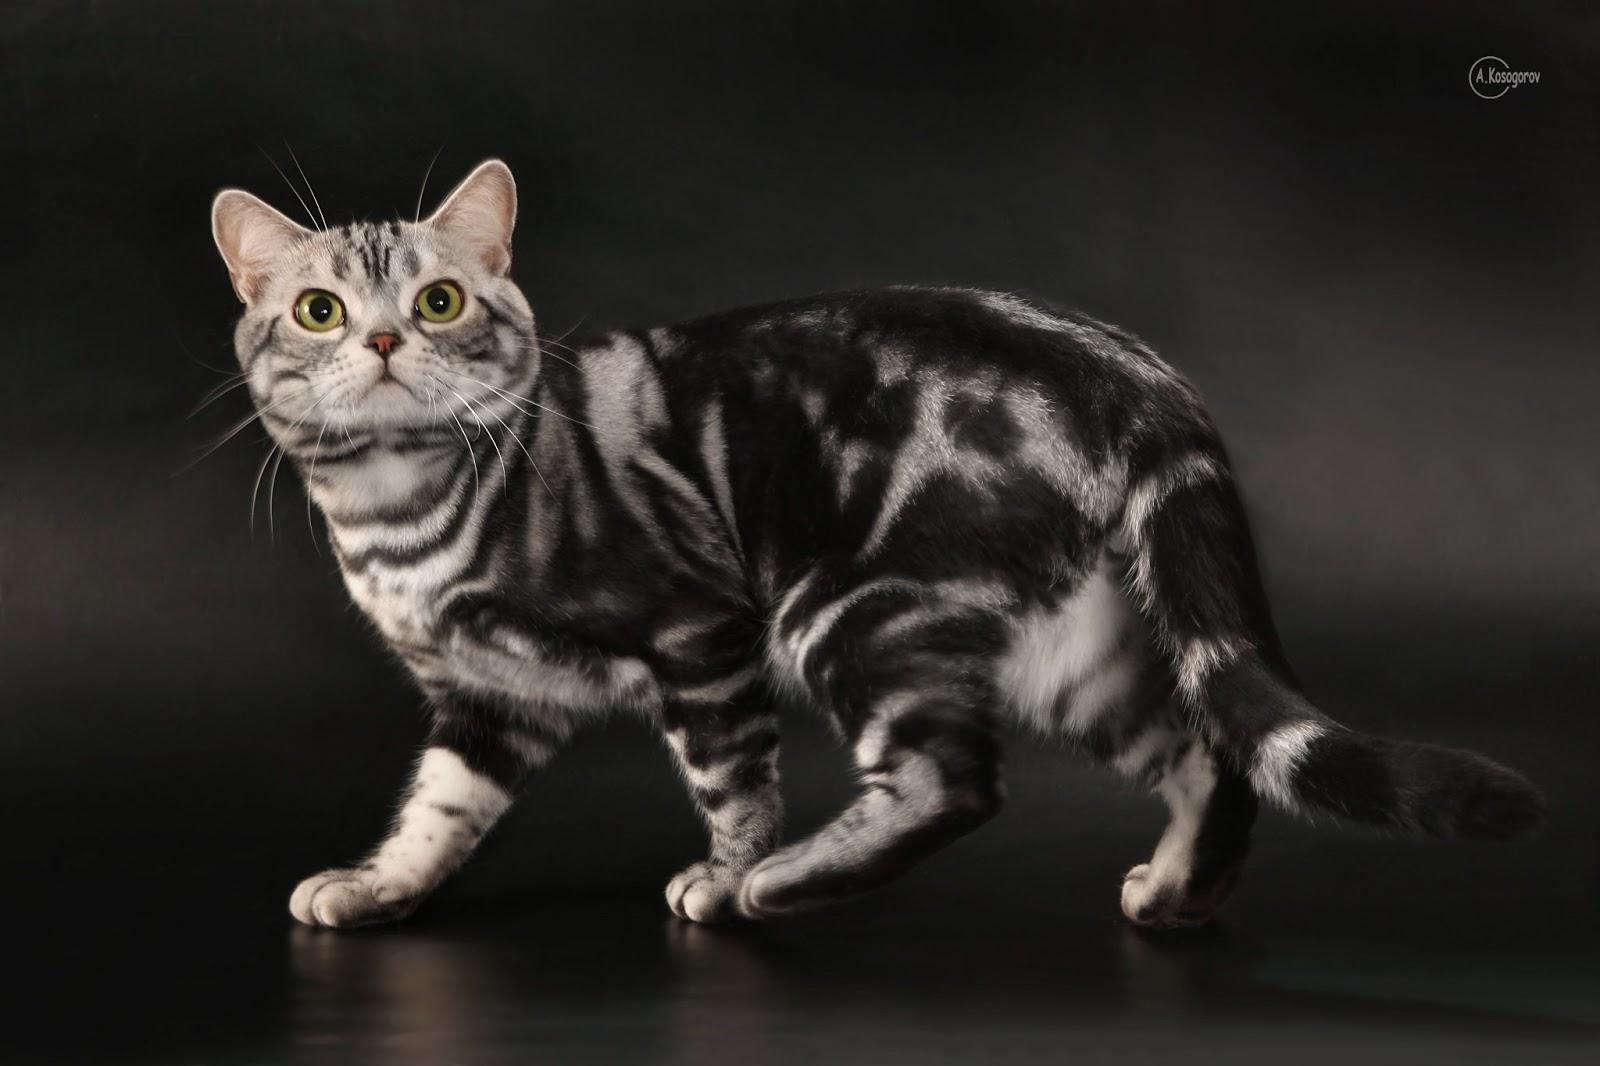 美短(美国短毛猫)和英短(英国短毛猫)有什么区别? - 知乎